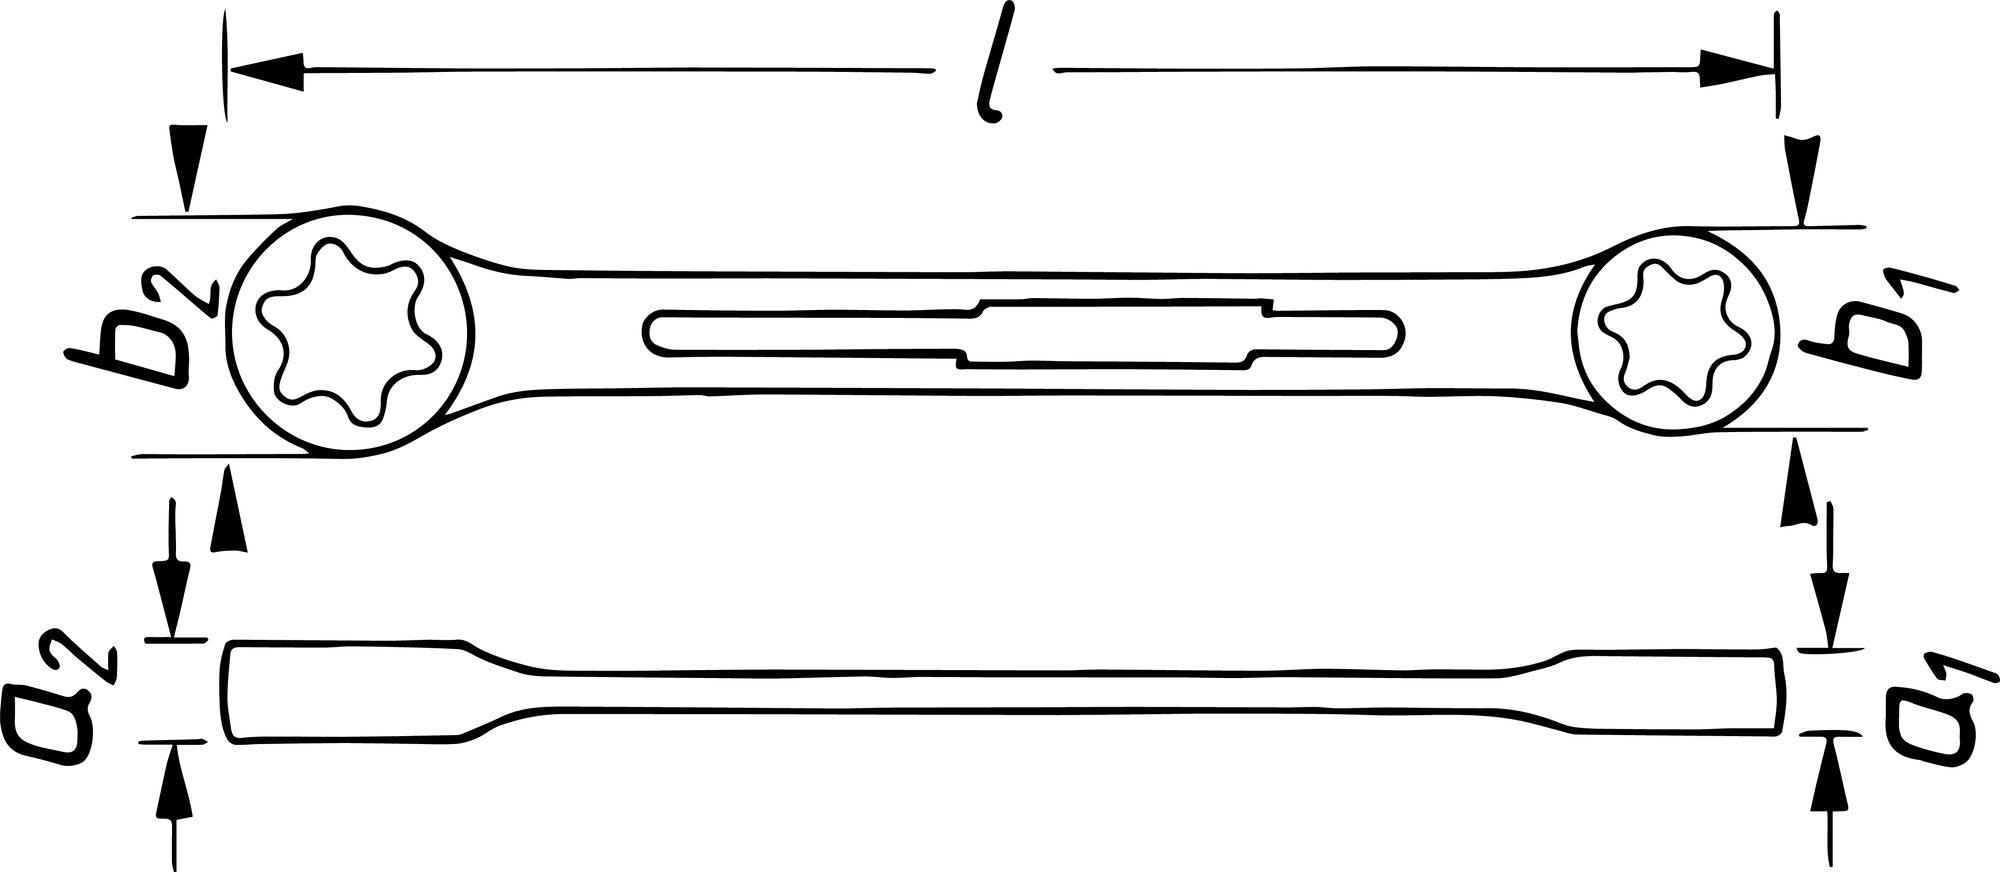 HAZET Doppel-Ringschlüssel TORX® 609-E10XE12 ∙ Außen TORX® Profil ∙ E10, E12